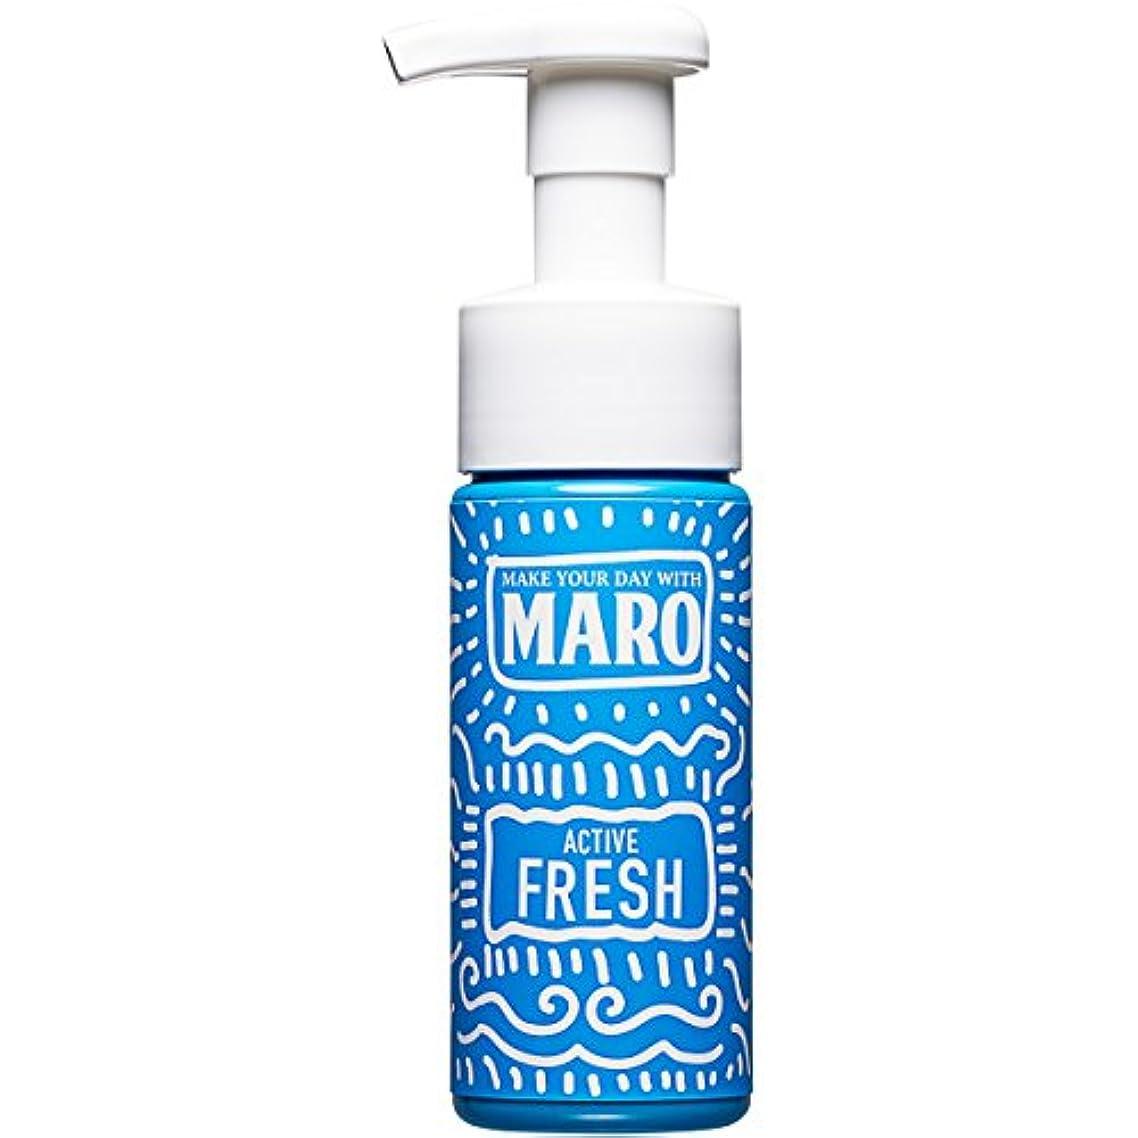 エール時々時々にやにやMARO グルーヴィー 泡洗顔 アクティブフレッシュ 150ml